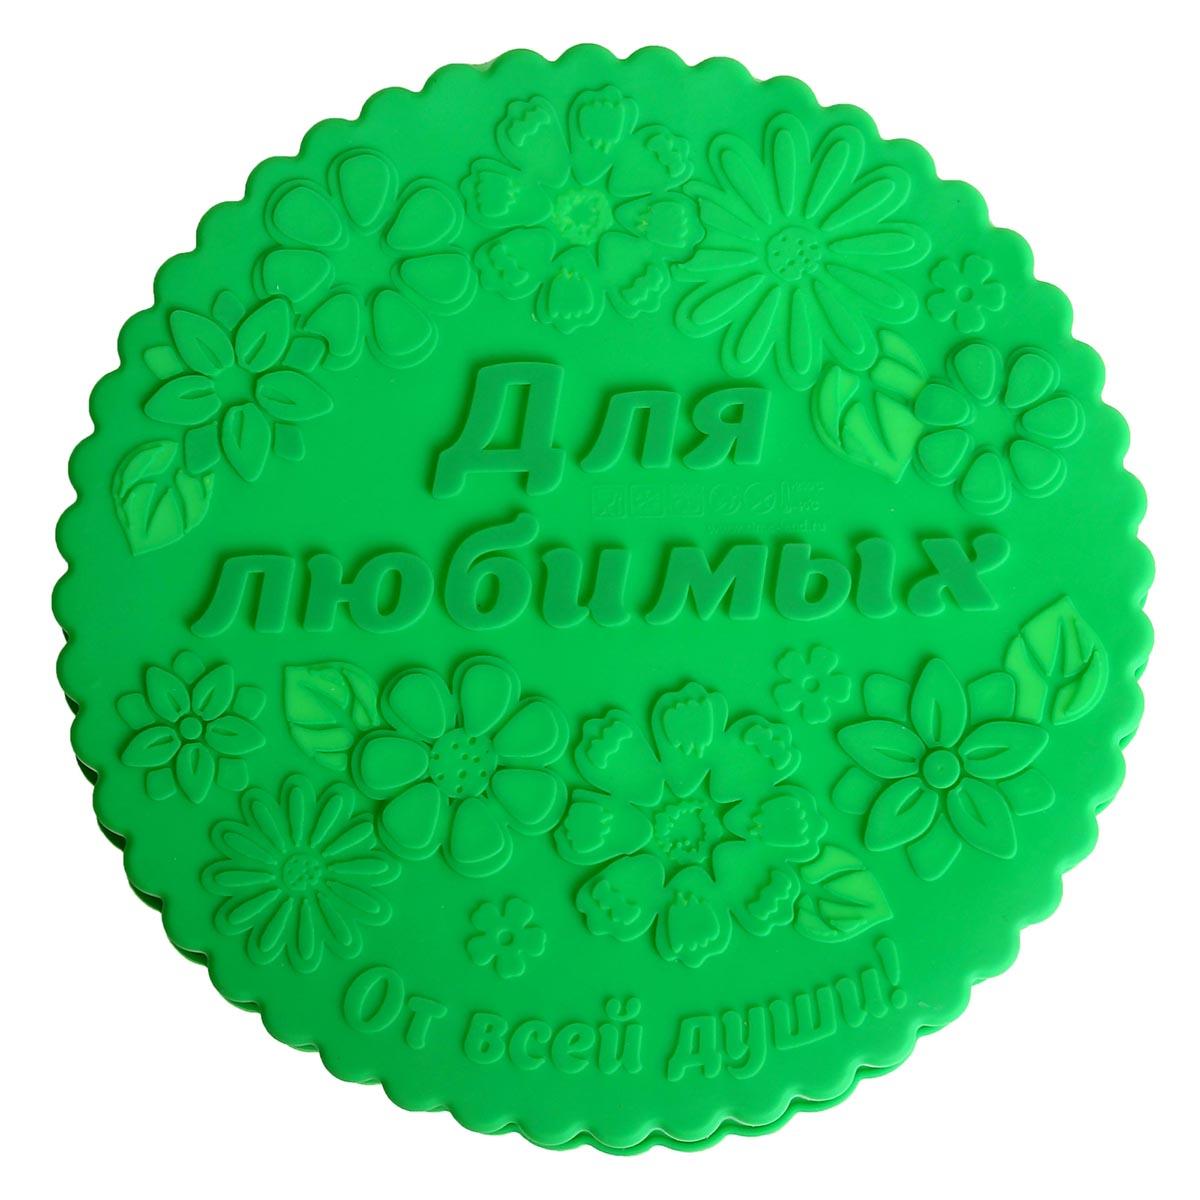 Форма для выпечки Для любимых, силиконовая, круглая, цвет: зеленый, диаметр 25 см1032225_зеленыйОт качества посуды зависит не только вкус еды, но и здоровье человека. Форма для выпечки - товар, соответствующий российским стандартам качества. Любой хозяйке будет приятно держать его в руках.